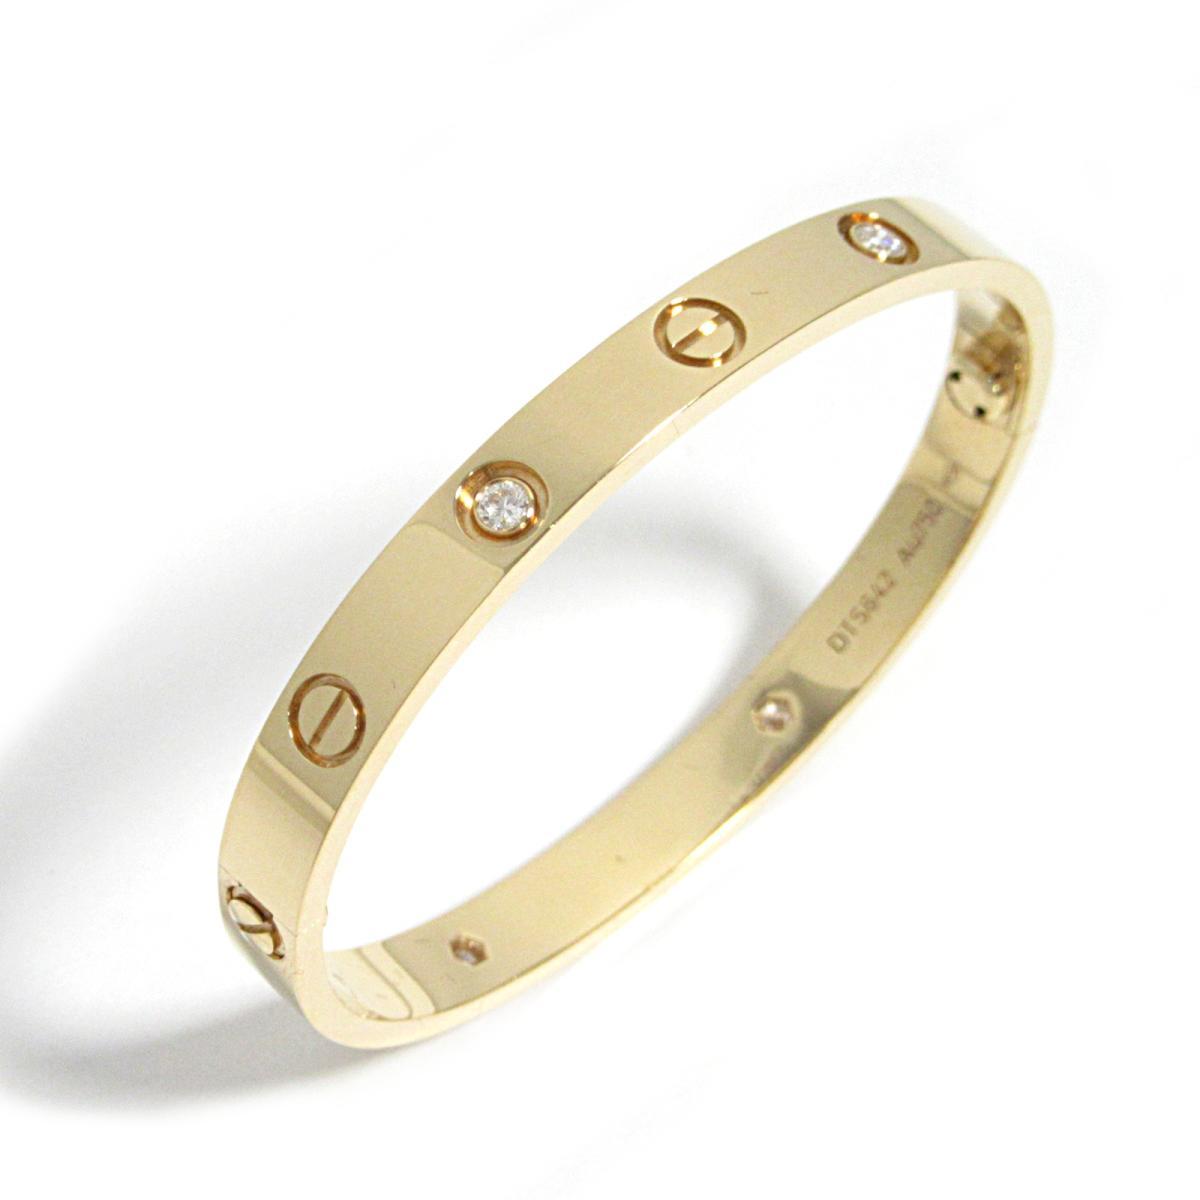 【中古】 カルティエ ラブブレス 4Pダイヤ ブレスレット レディース K18PG (750) ピンクゴールド x ダイヤモンド   Cartier BRANDOFF ブランドオフ ブランド アクセサリー 腕輪